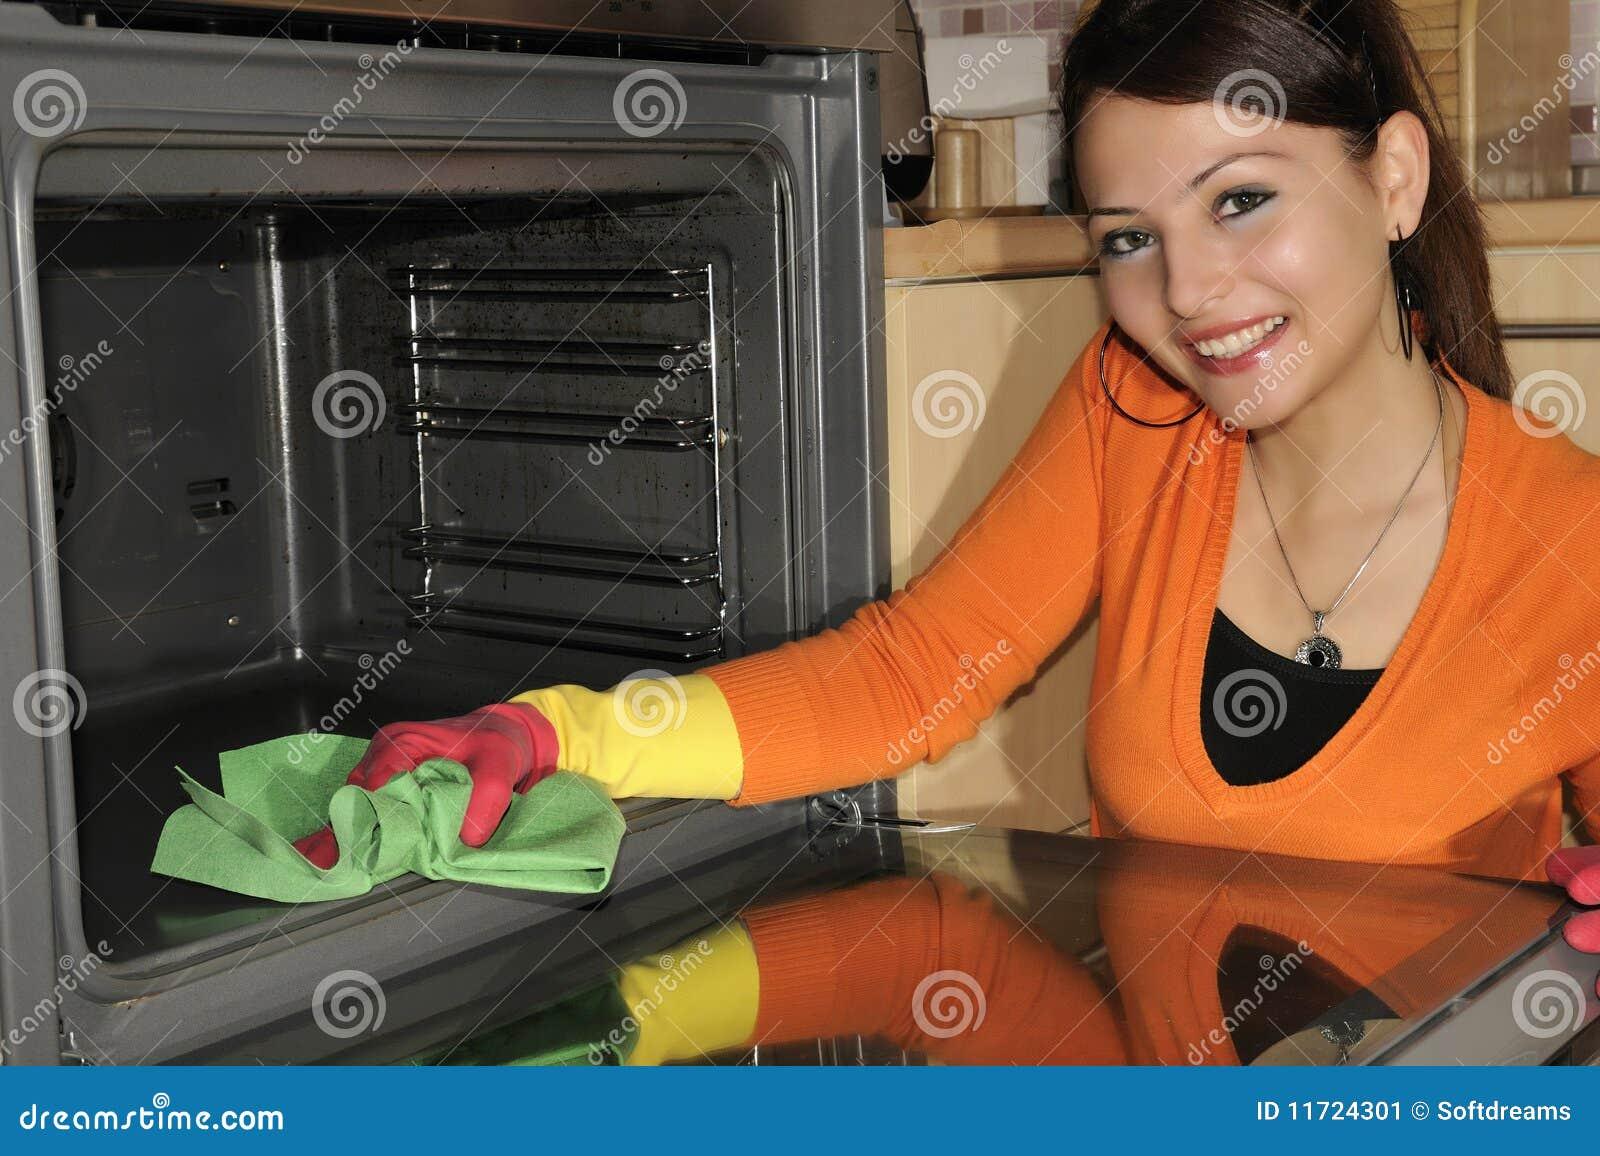 Limpiando la casa cocina imagen de archivo imagen de - Trabajo limpiando casas ...